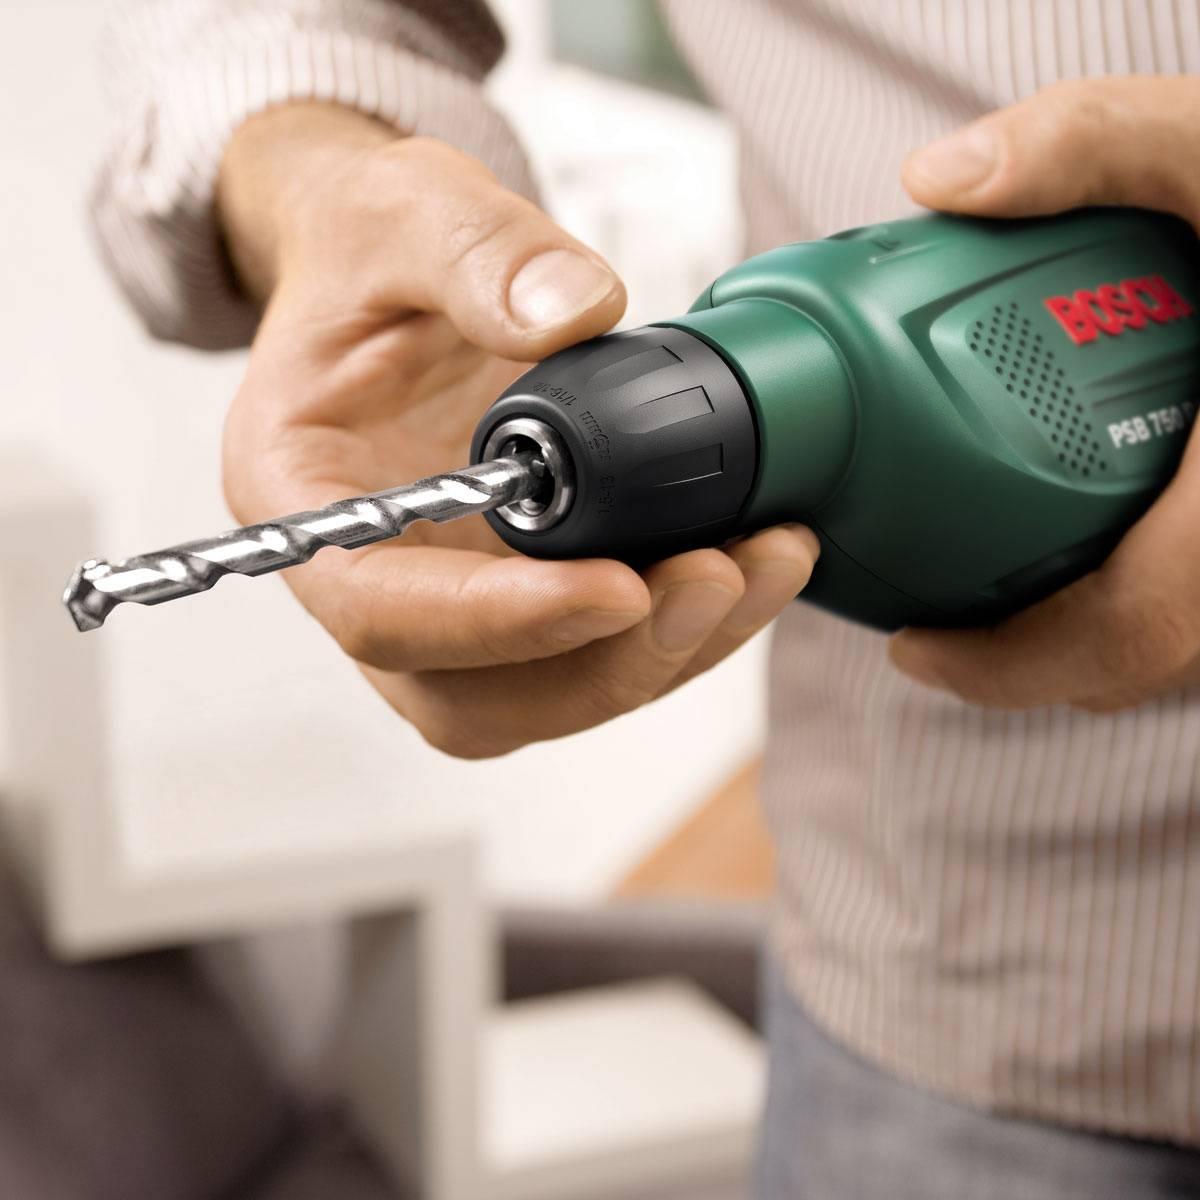 Как выбрать качественный и недорогой перфоратор для дома